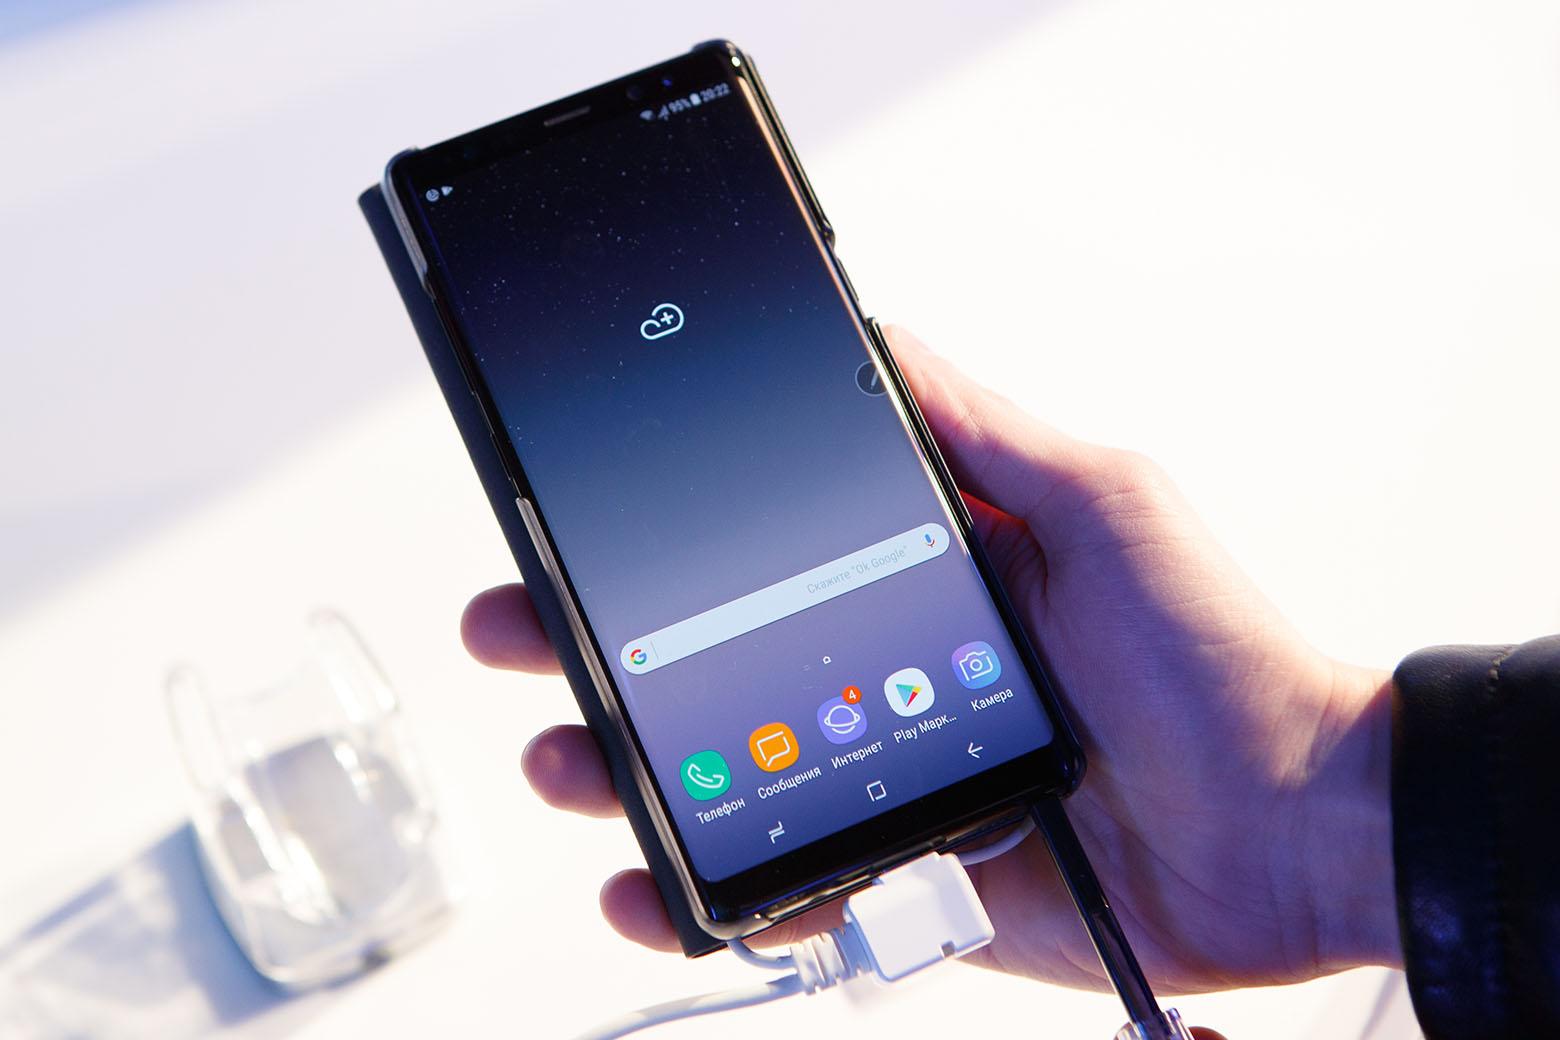 6,3-дюймовый Super AMOLED дисплей — самый большой в серии Galaxy Note.